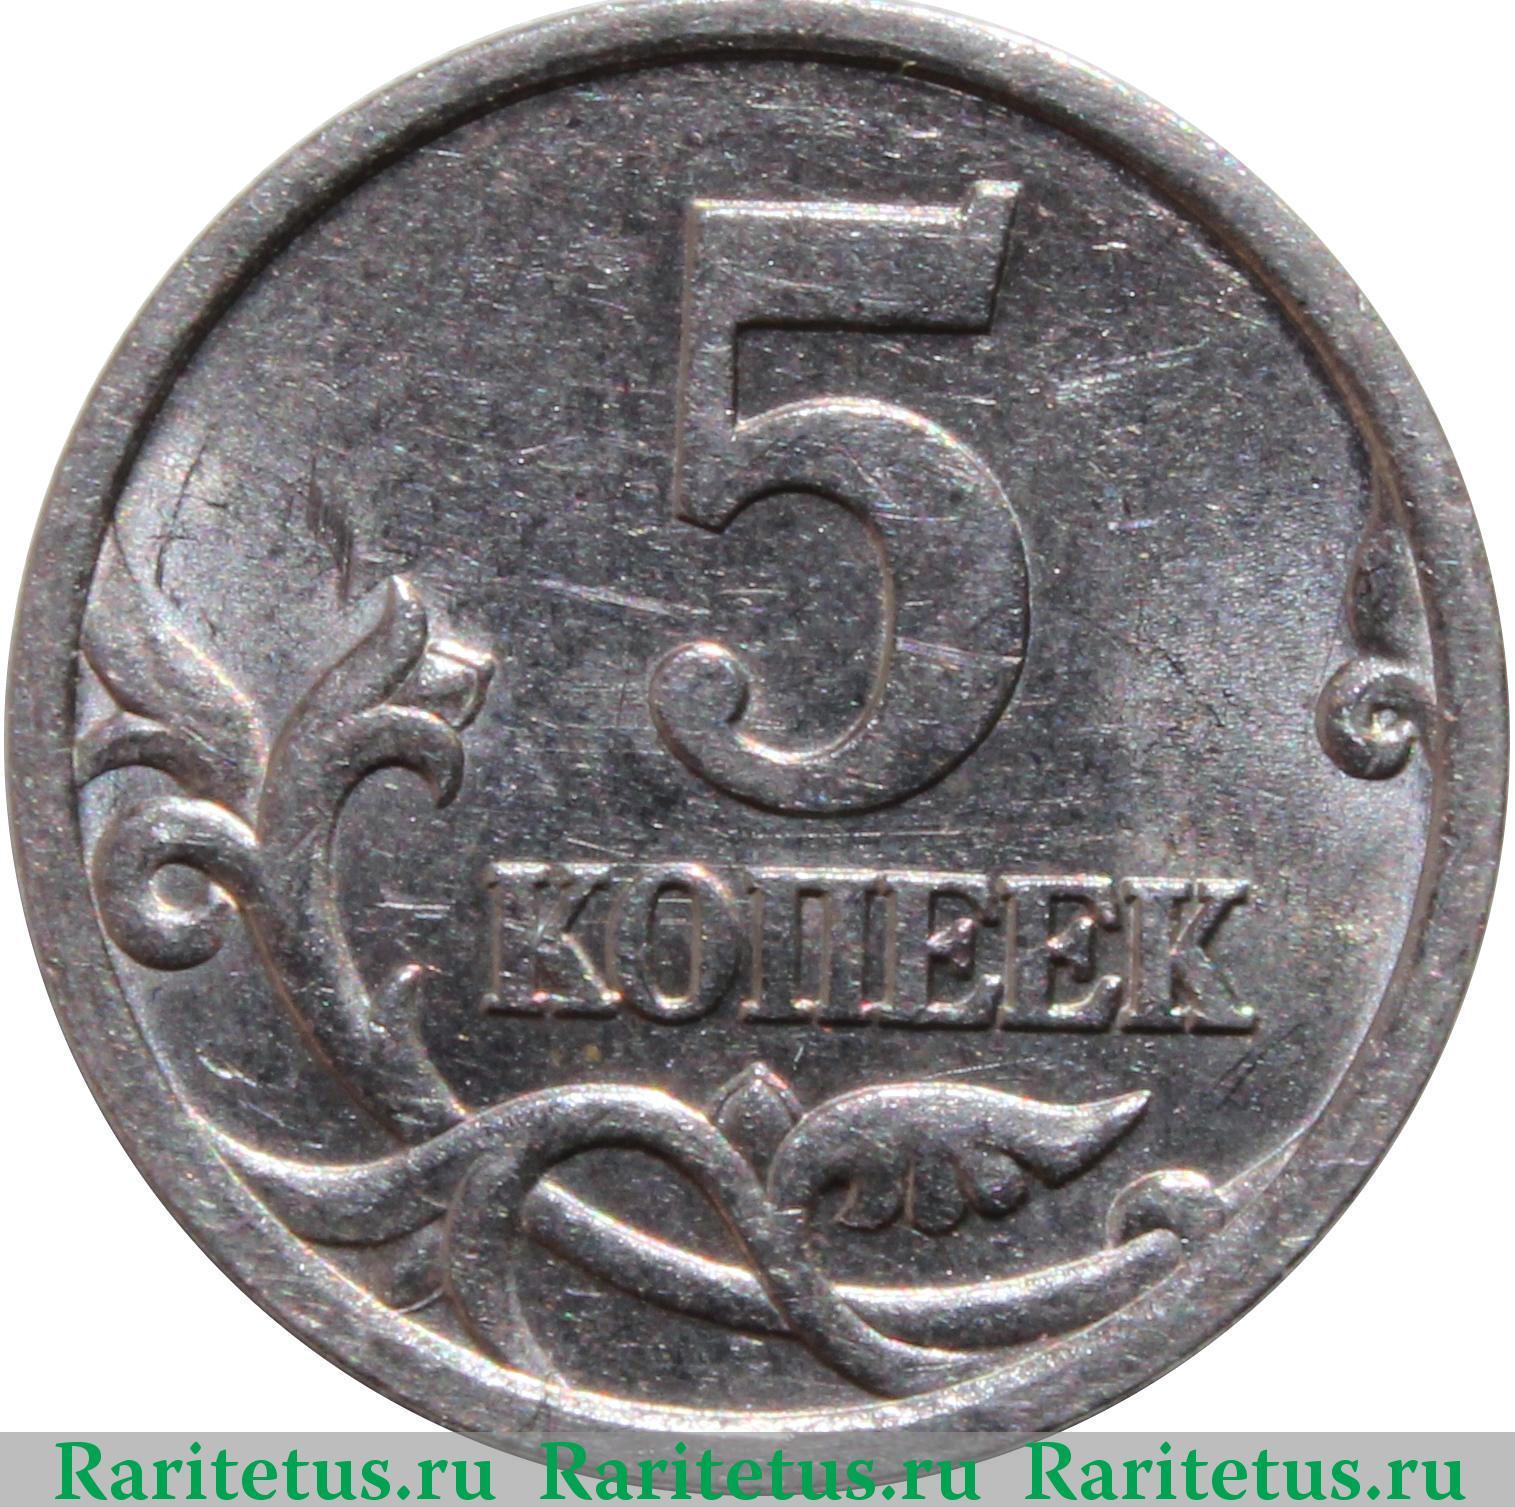 Стоимость монет 5 копинок 2005 украина 40000 тенге